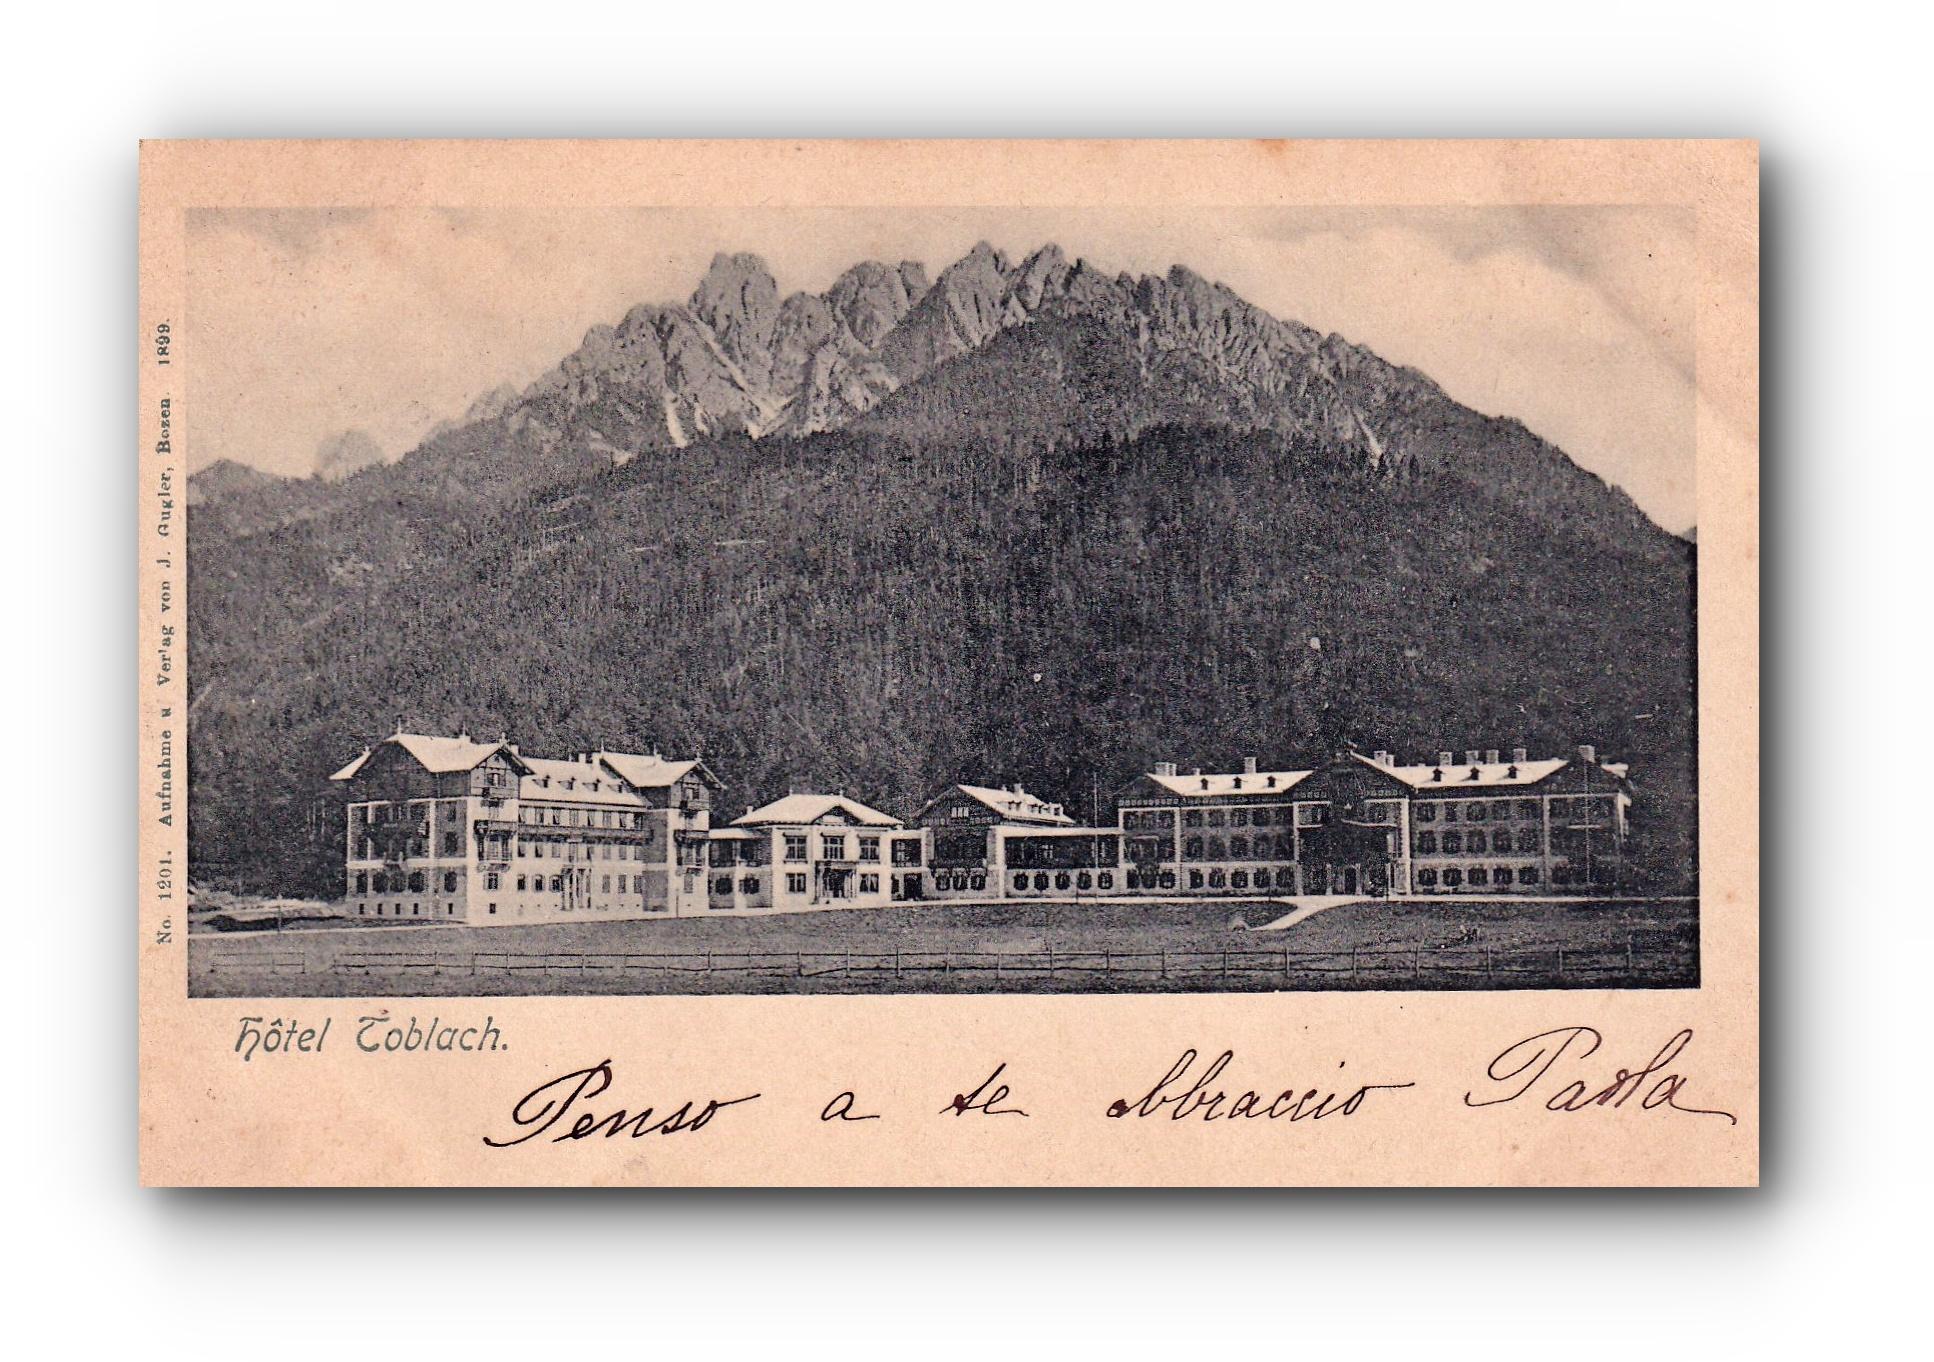 Hotel Toblach - 25.08.1900